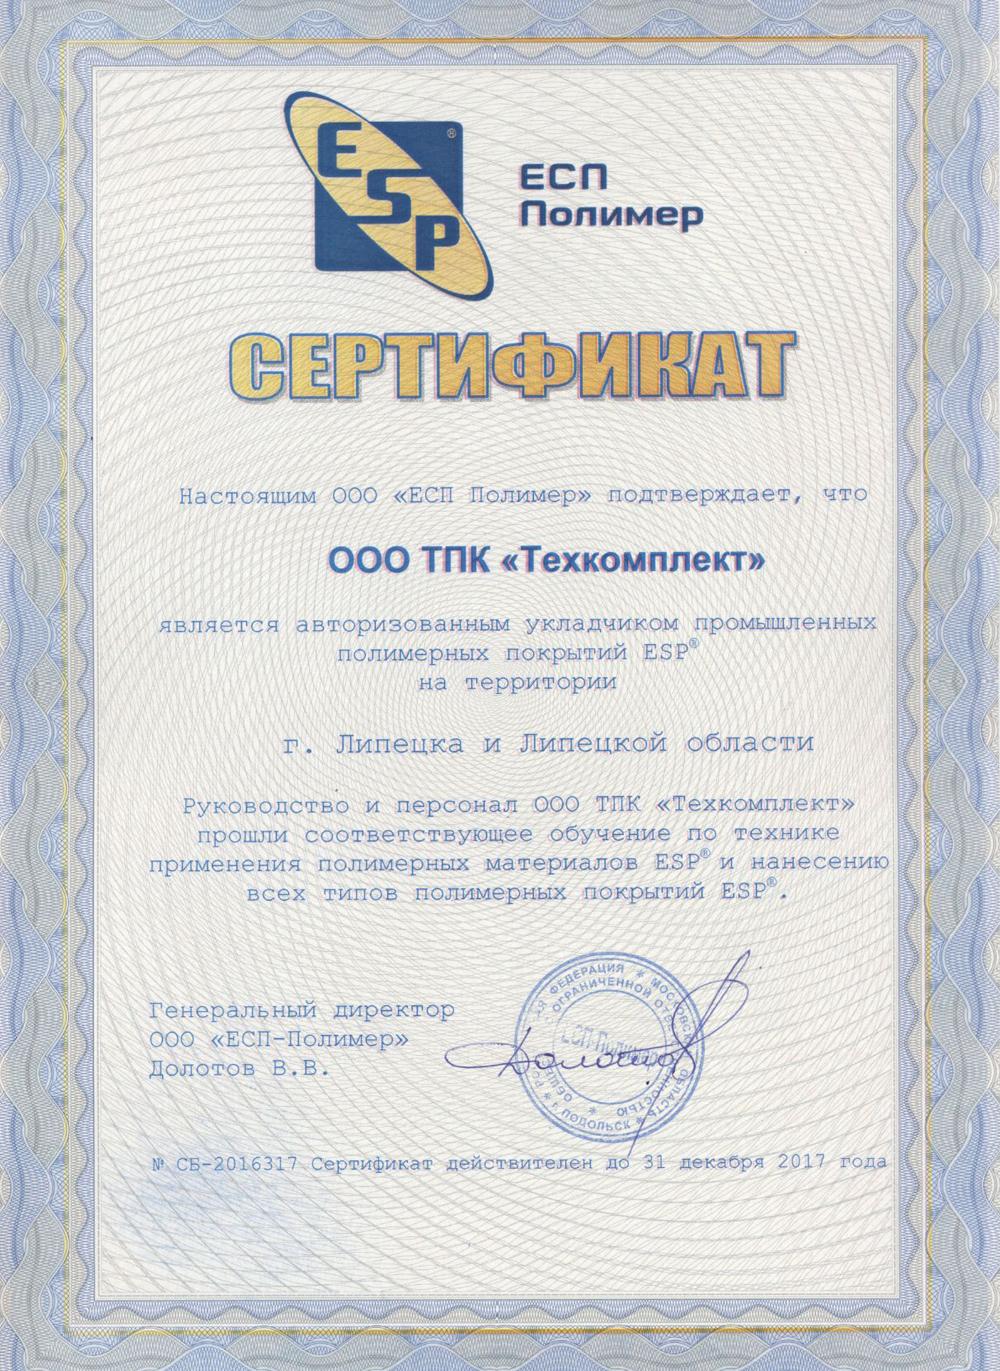 Сертификат качества ЕСП Полимер